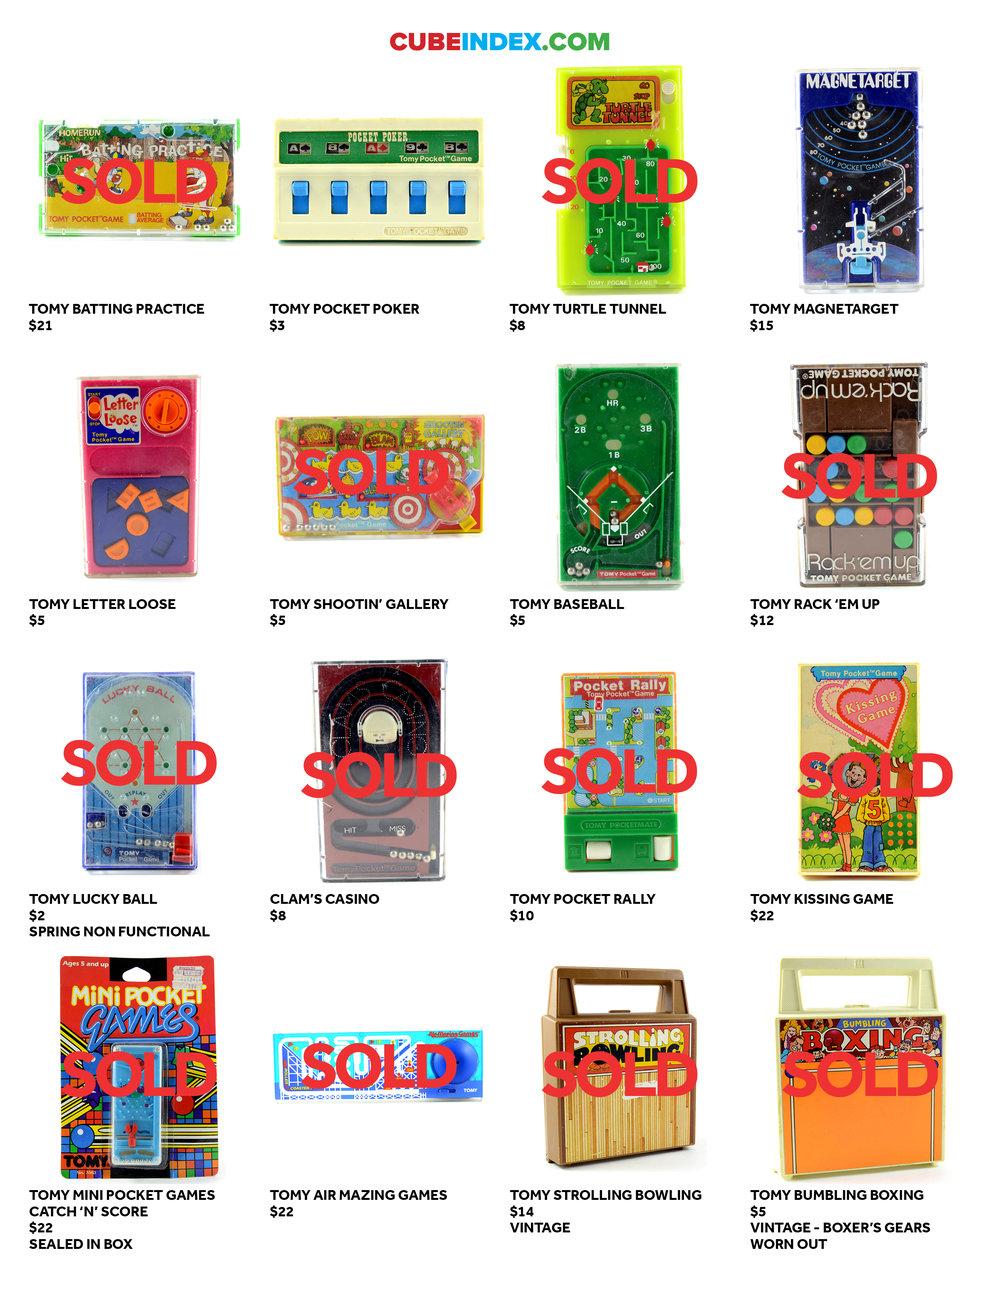 cube-index-for-sale-catalog-april-2017-v512.jpg